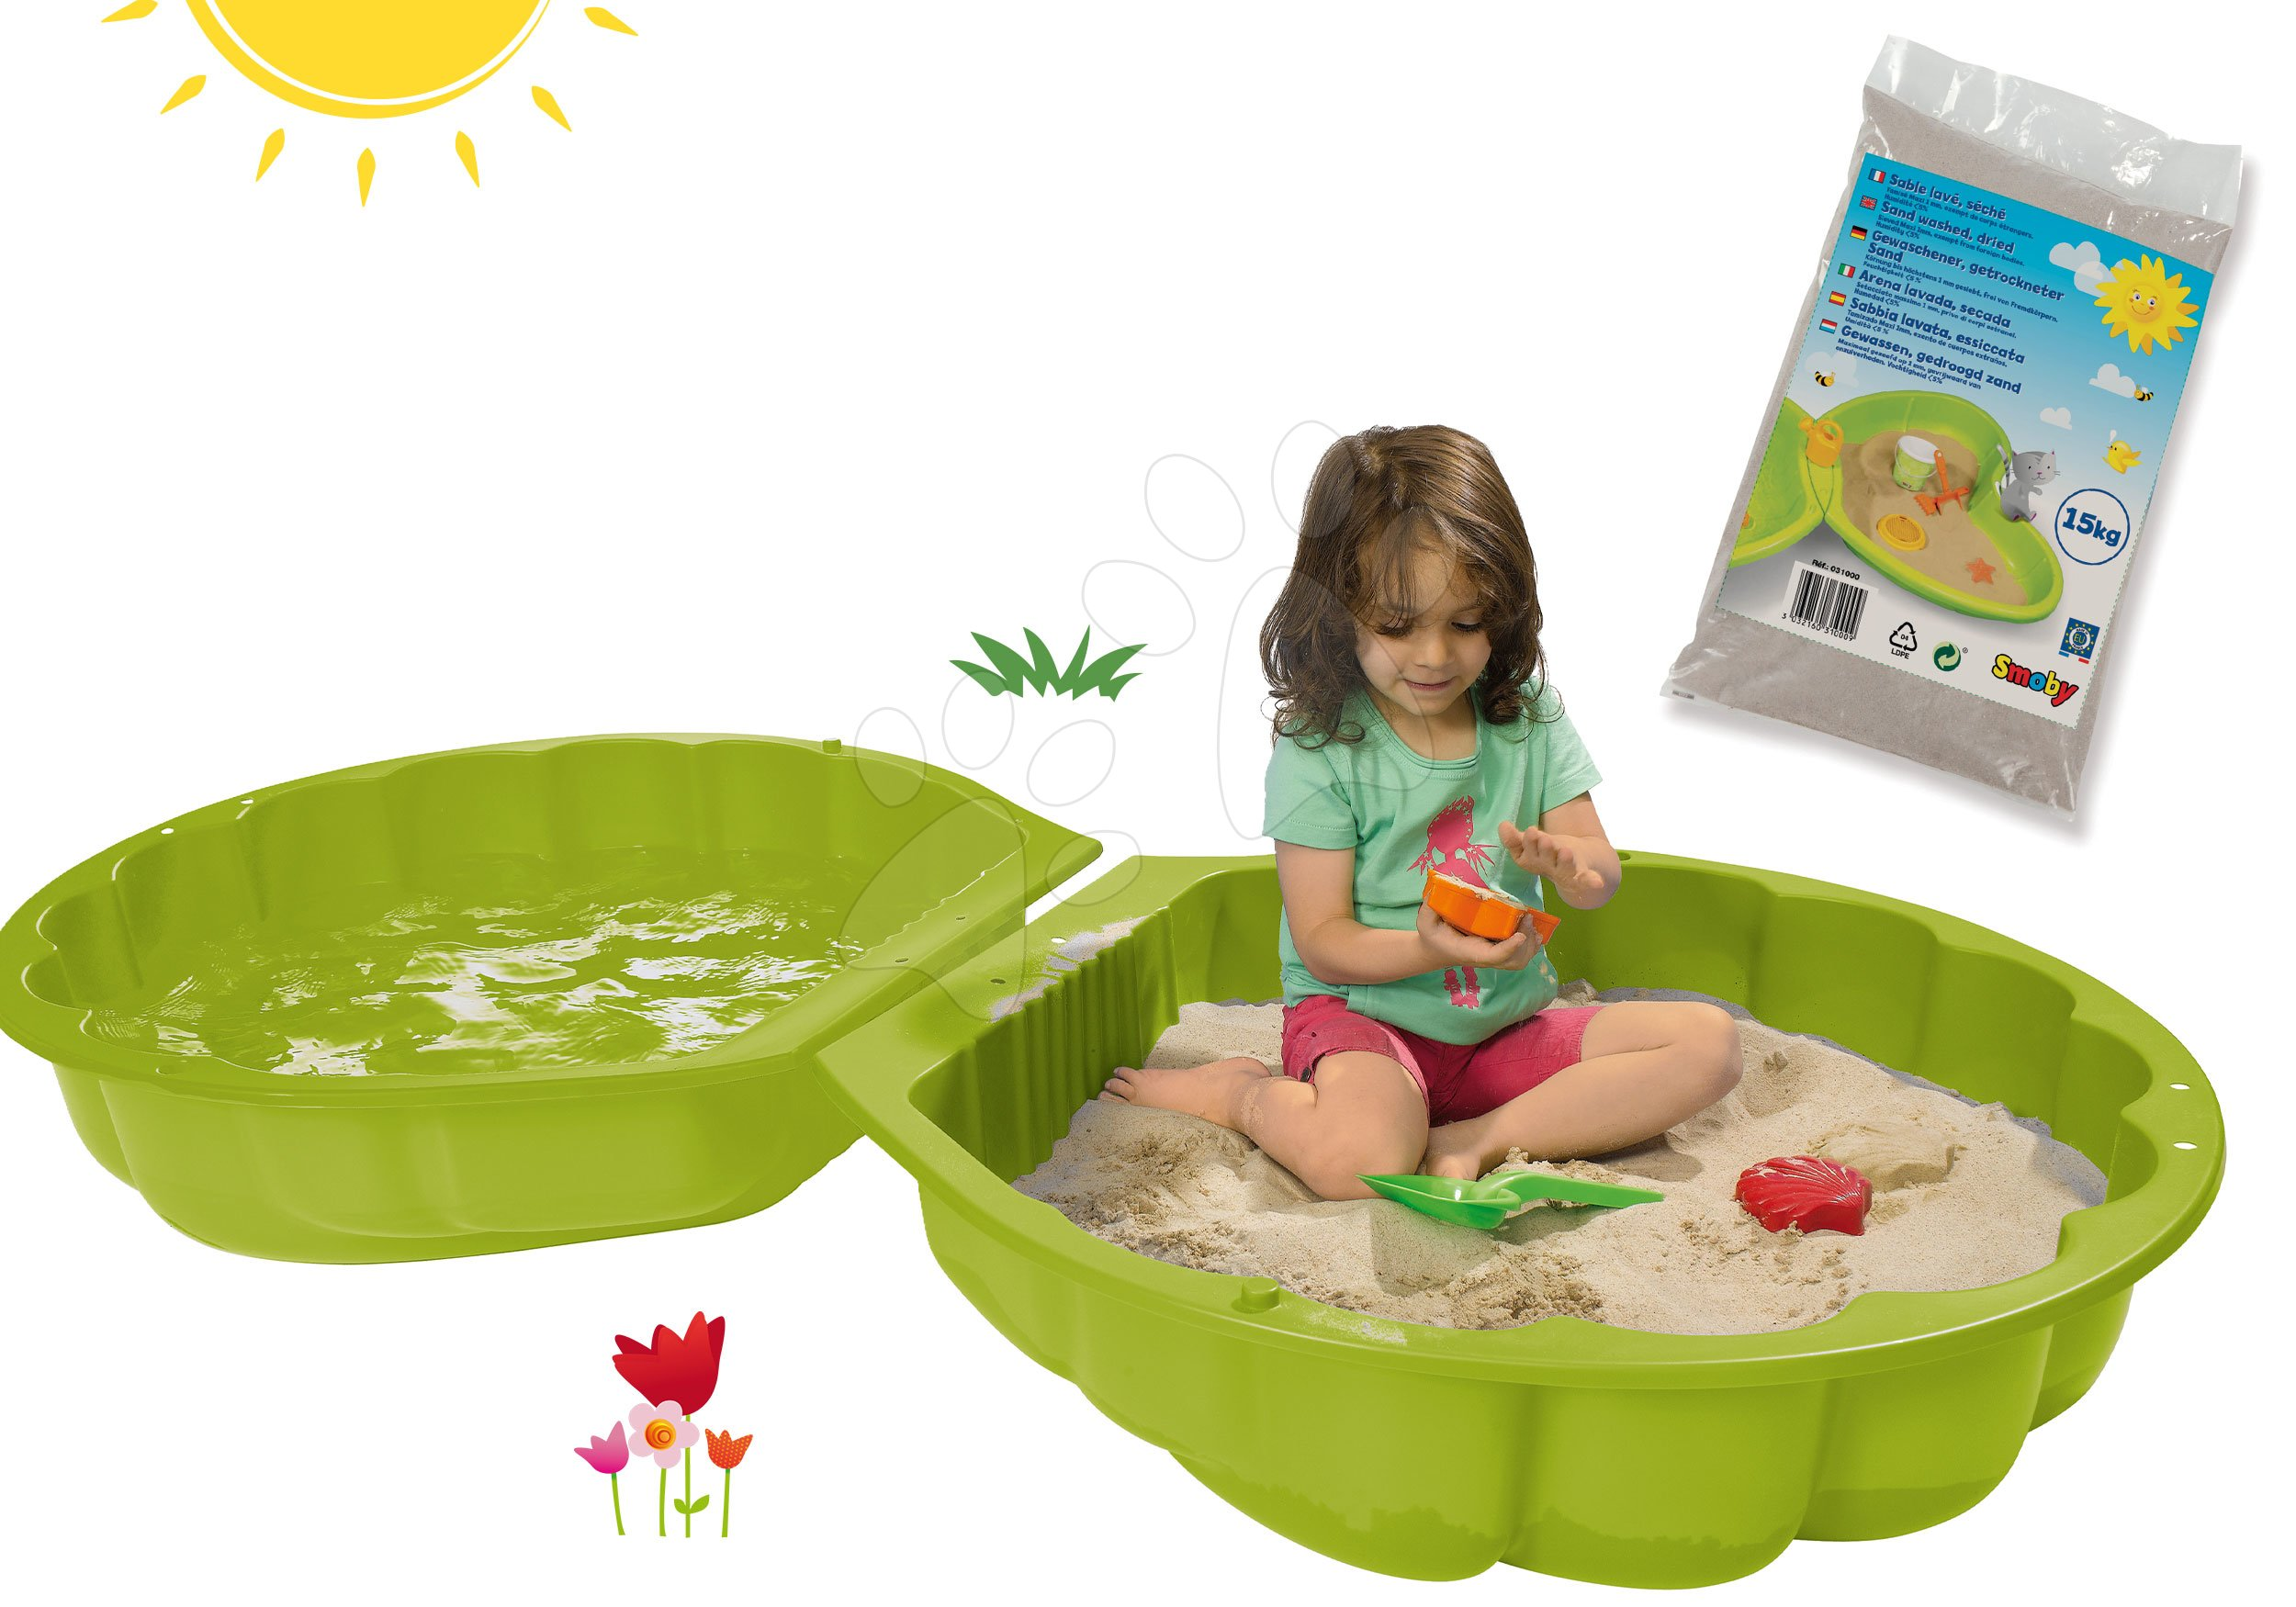 Set pieskovisko mušľa dvojdielne Watershell Green BIG zelené a hygienický piesok pre najmenších 15 kg